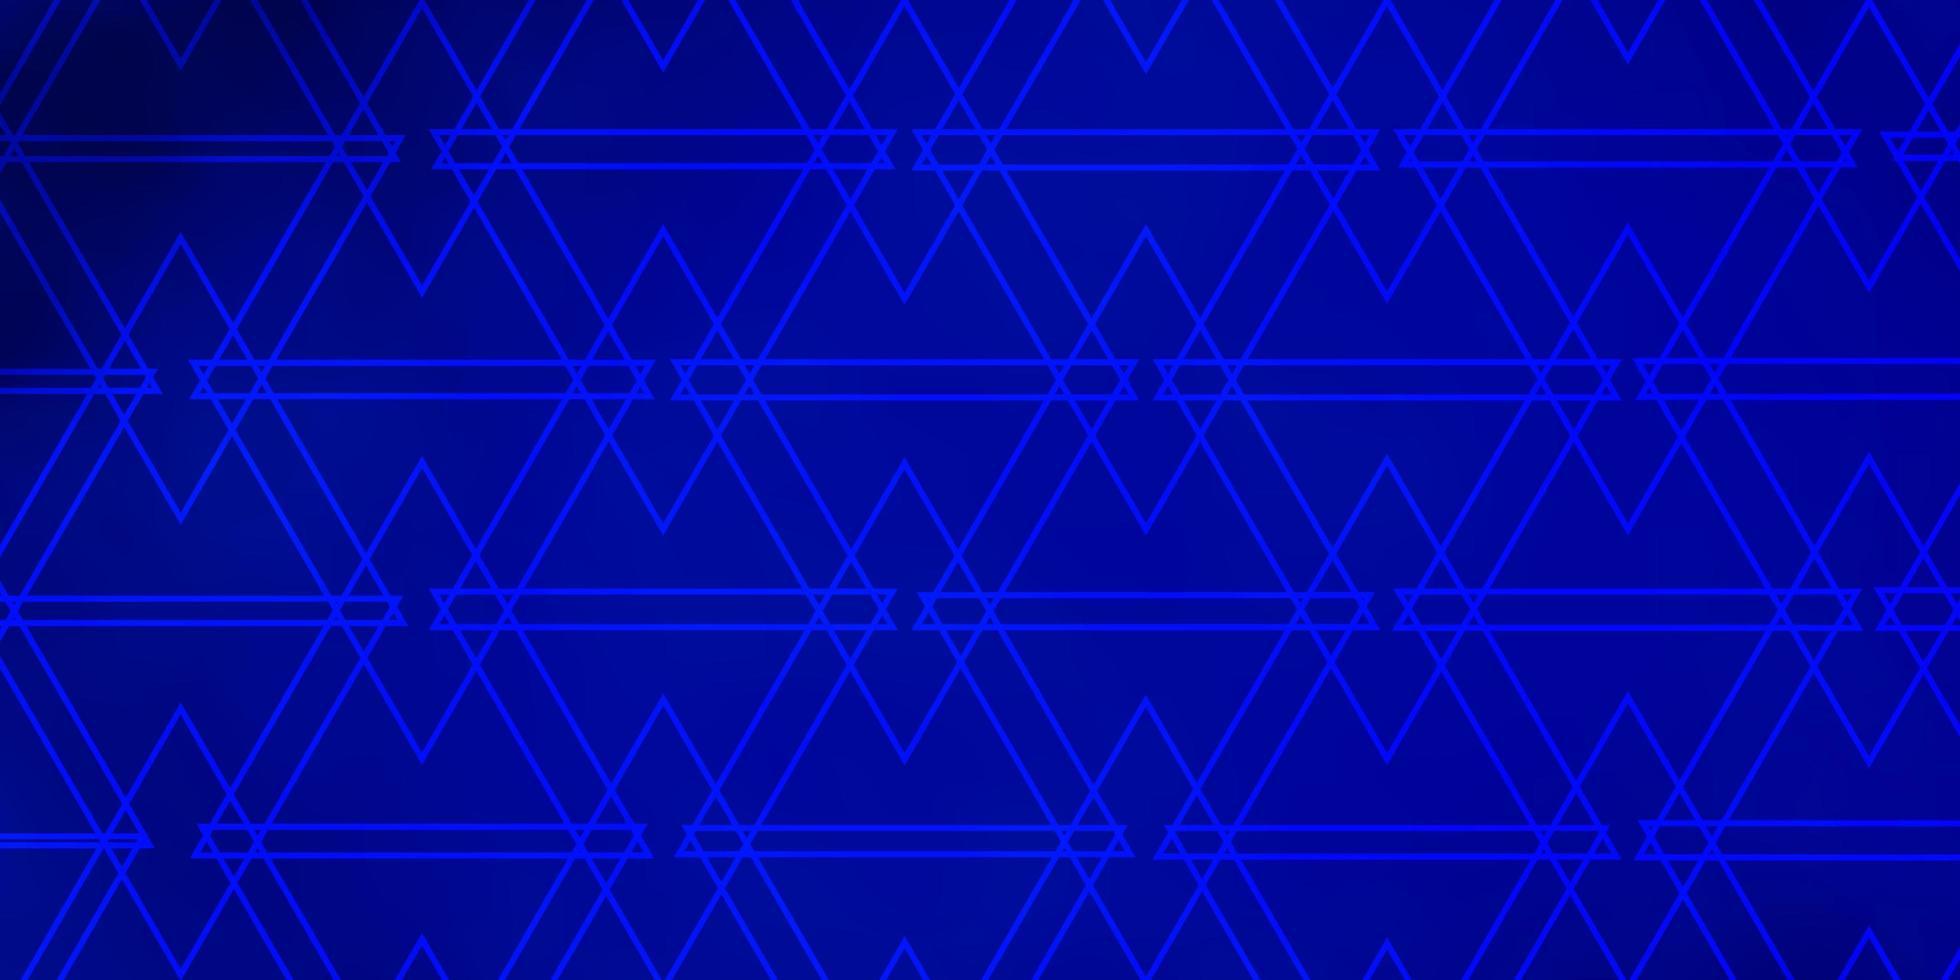 donkerblauwe vectorachtergrond met driehoeken. vector